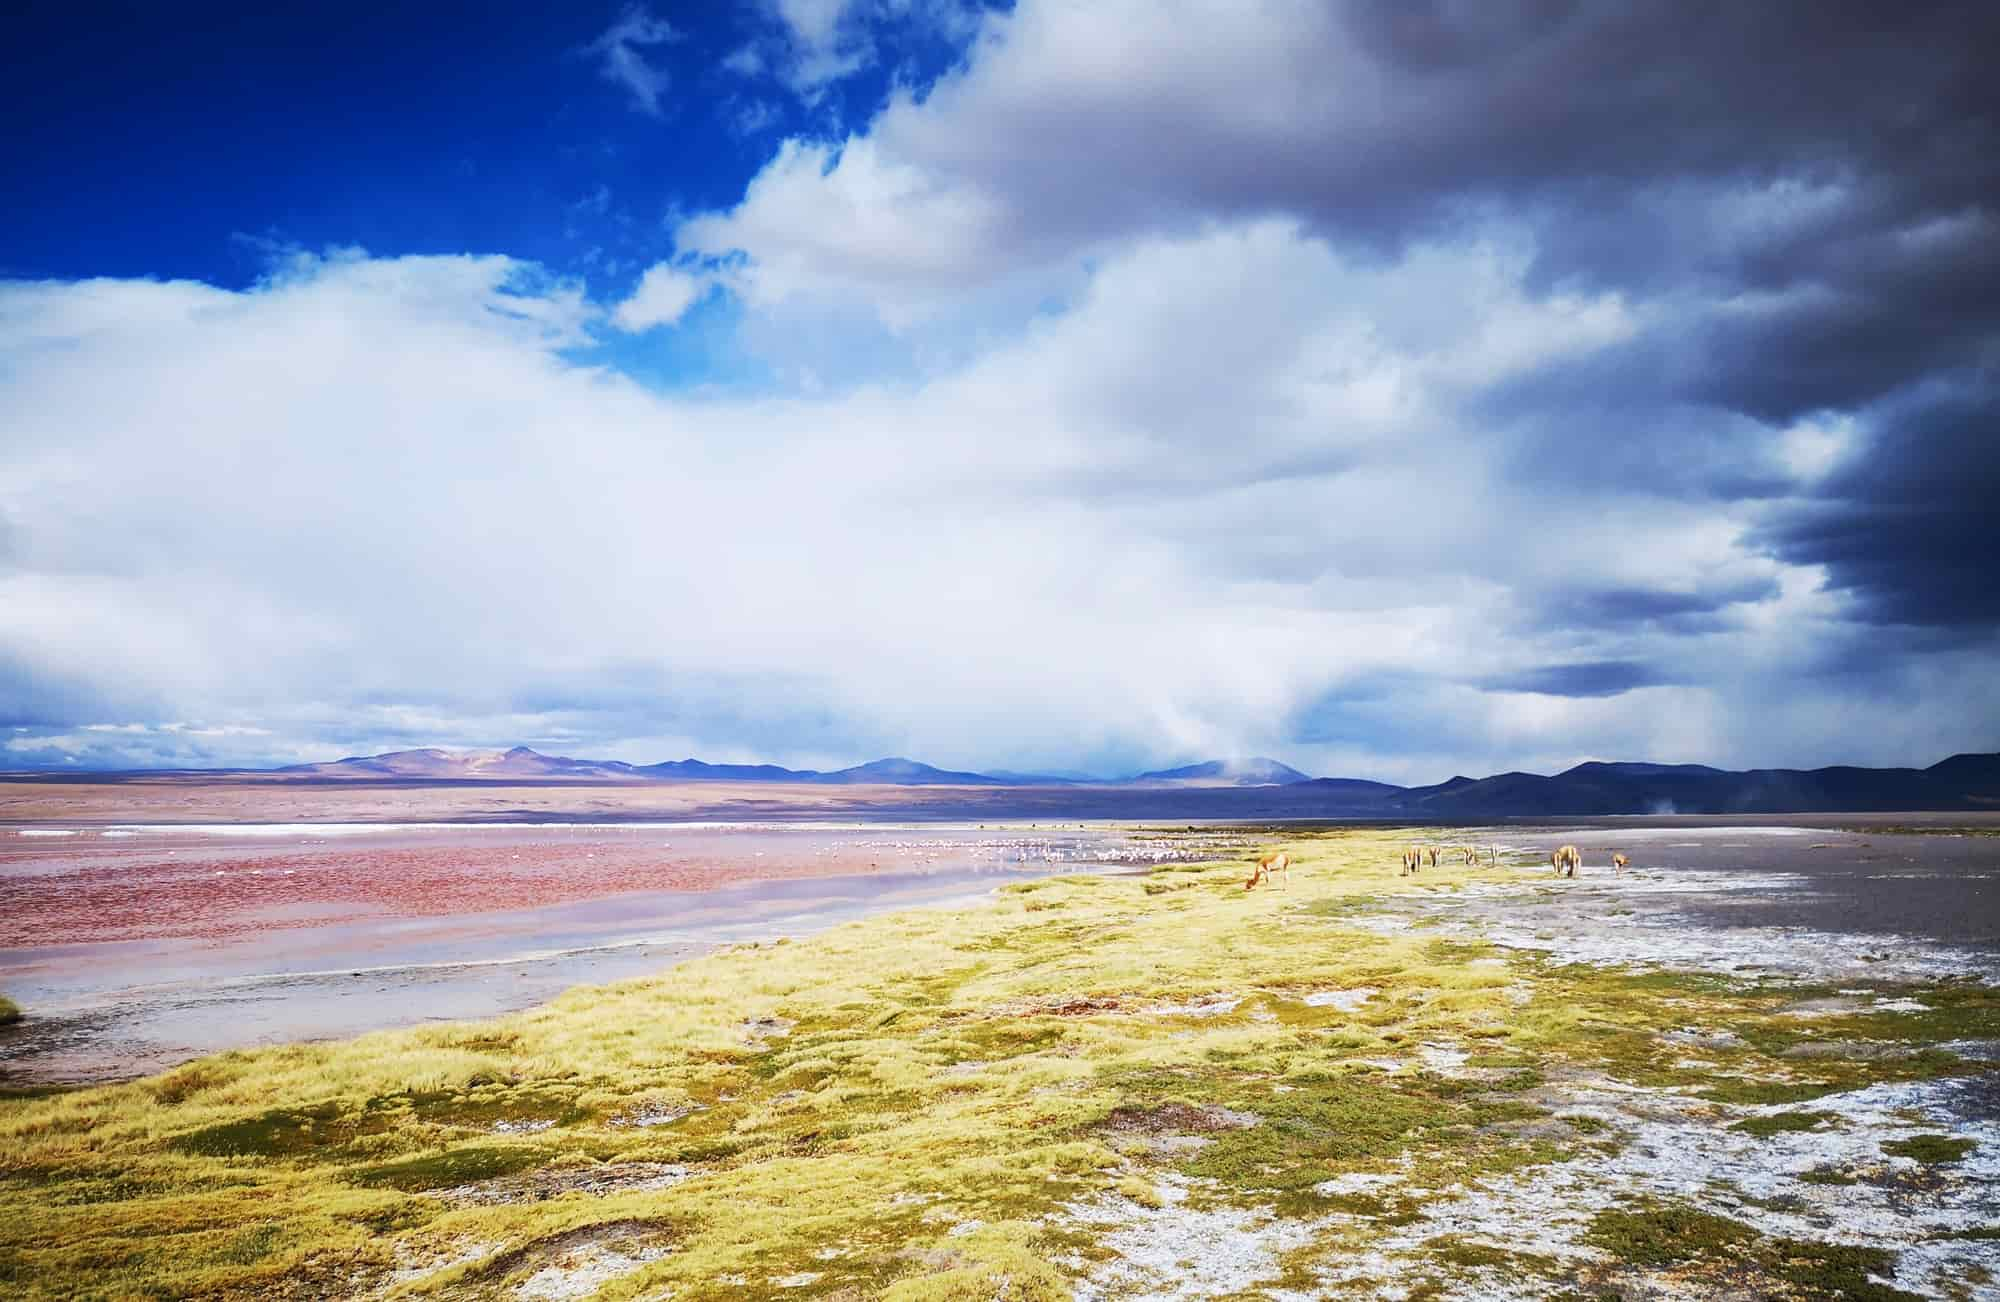 La laguna colorada, la laguna verde ou la laguna blanca : les lagunes du Sud Lipez se parent de milles couleurs.